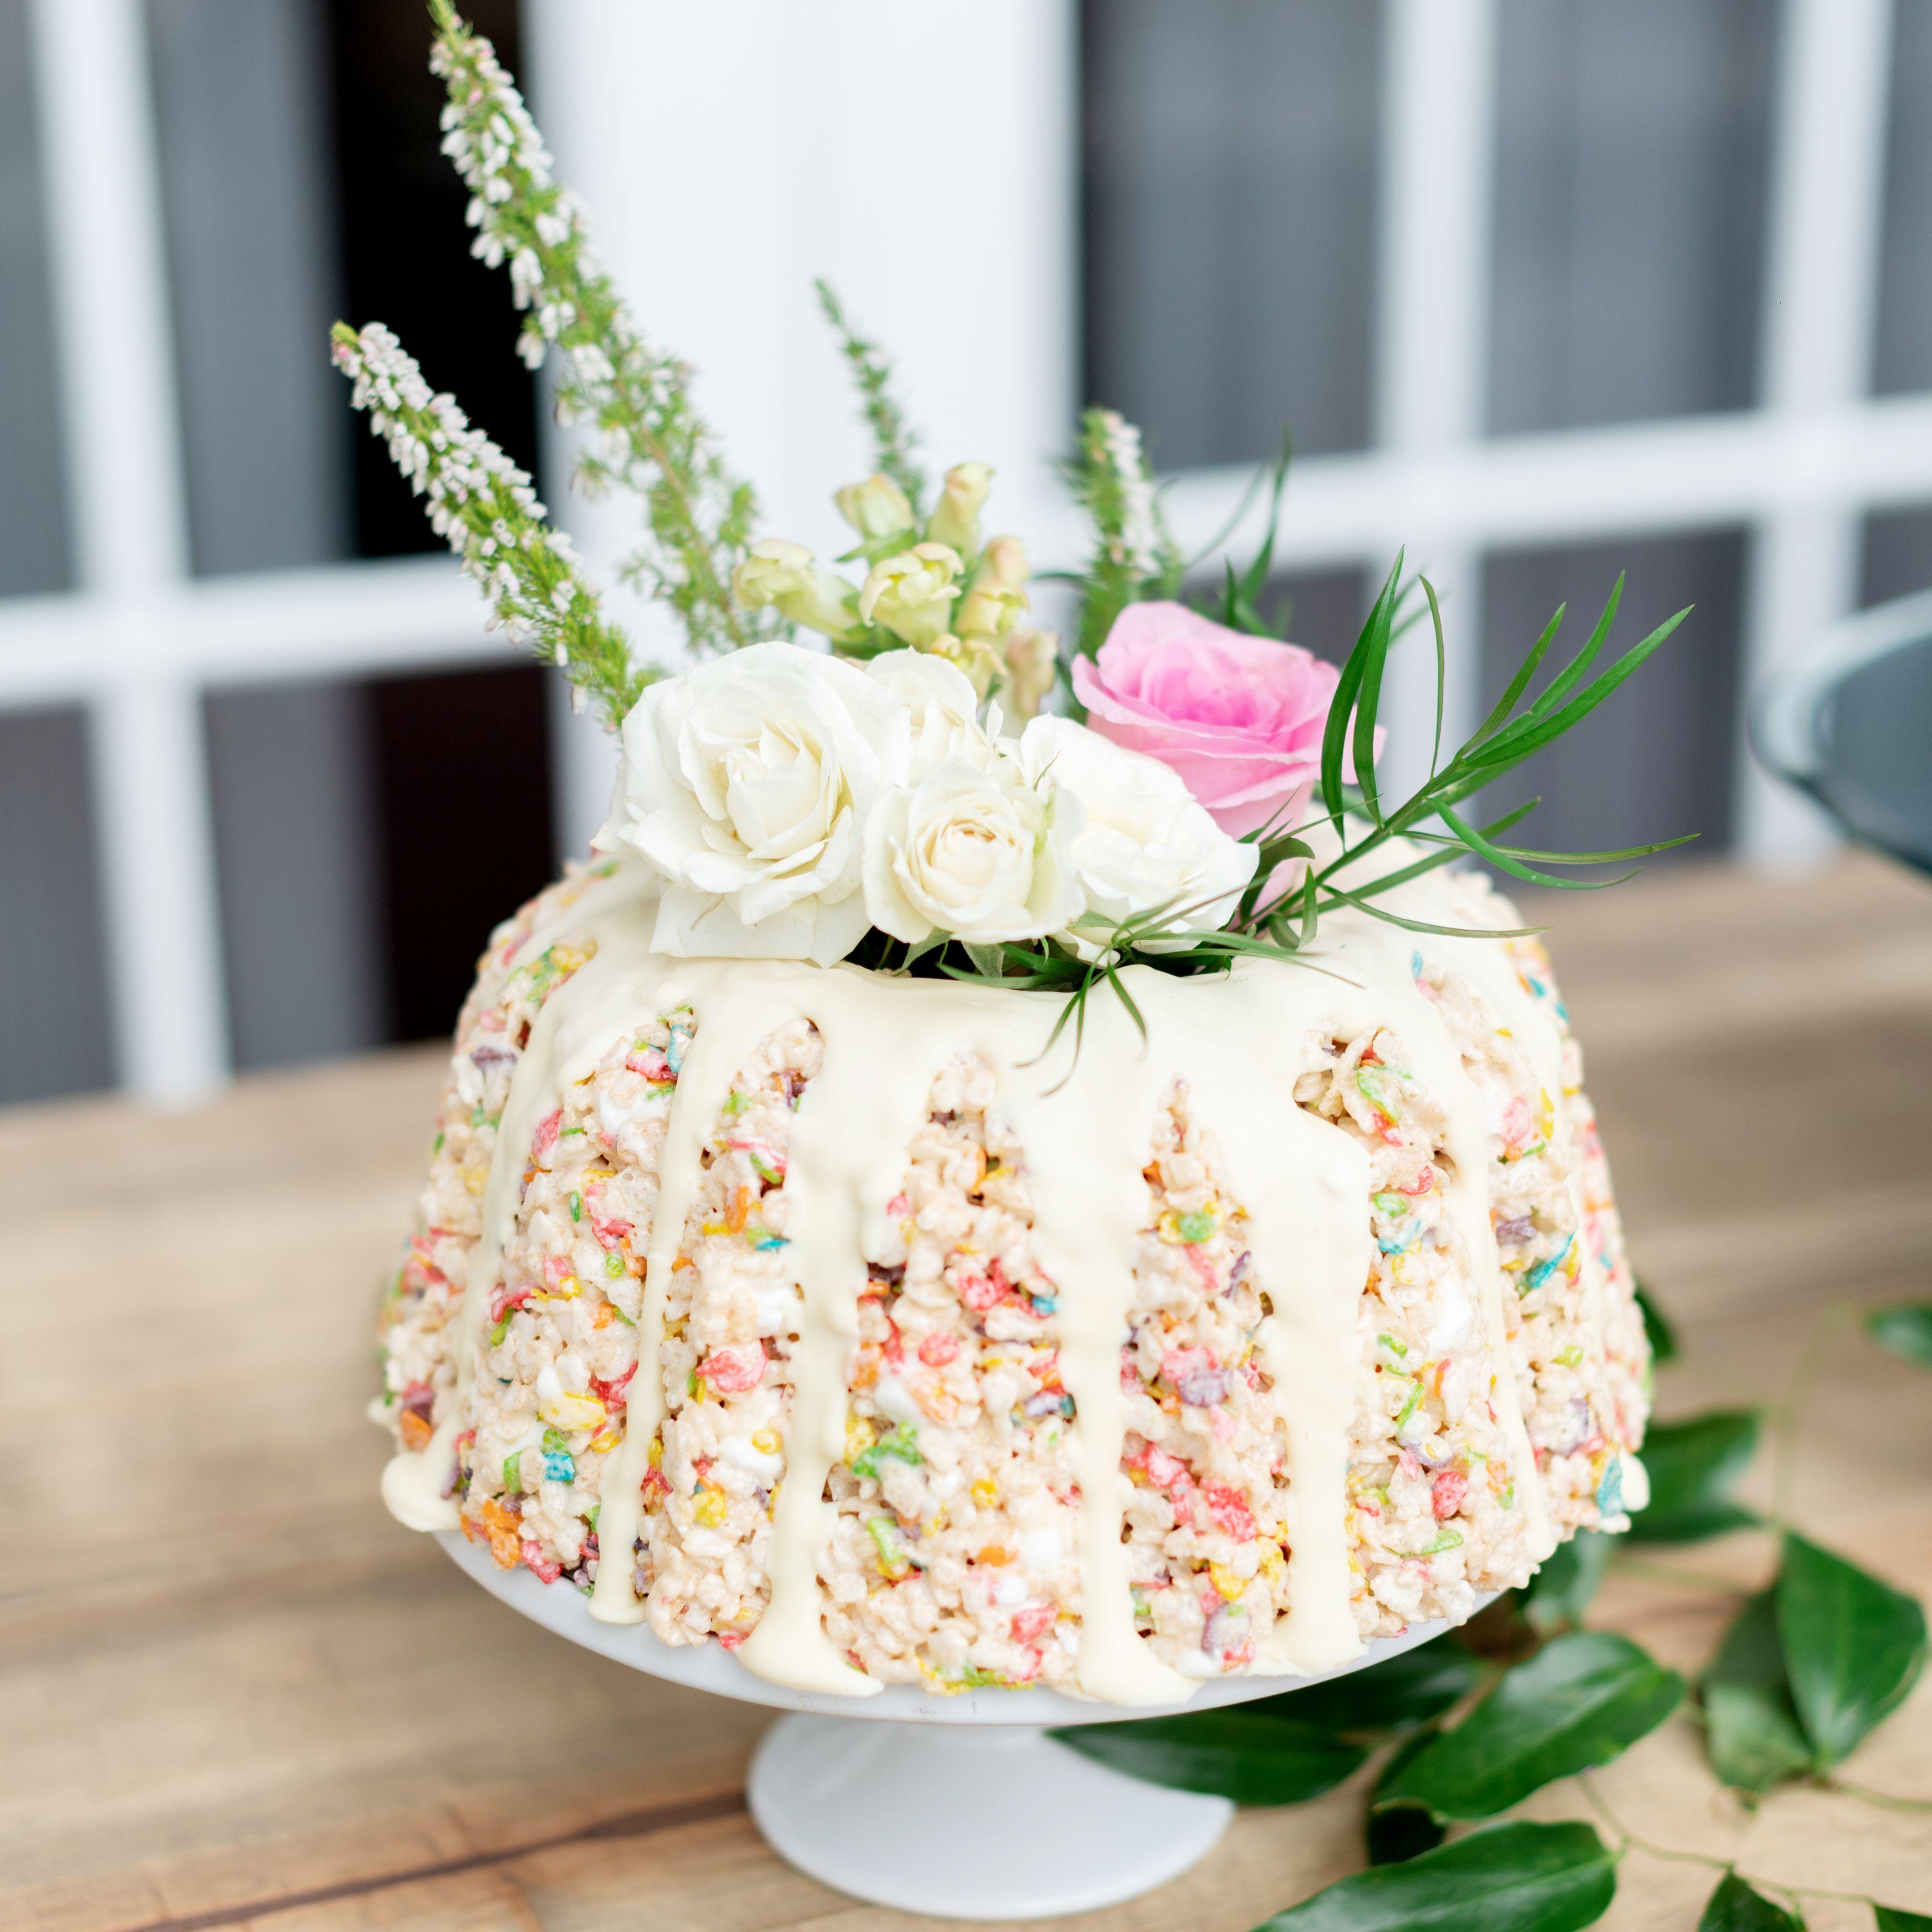 33 Wedding Cake Alternatives